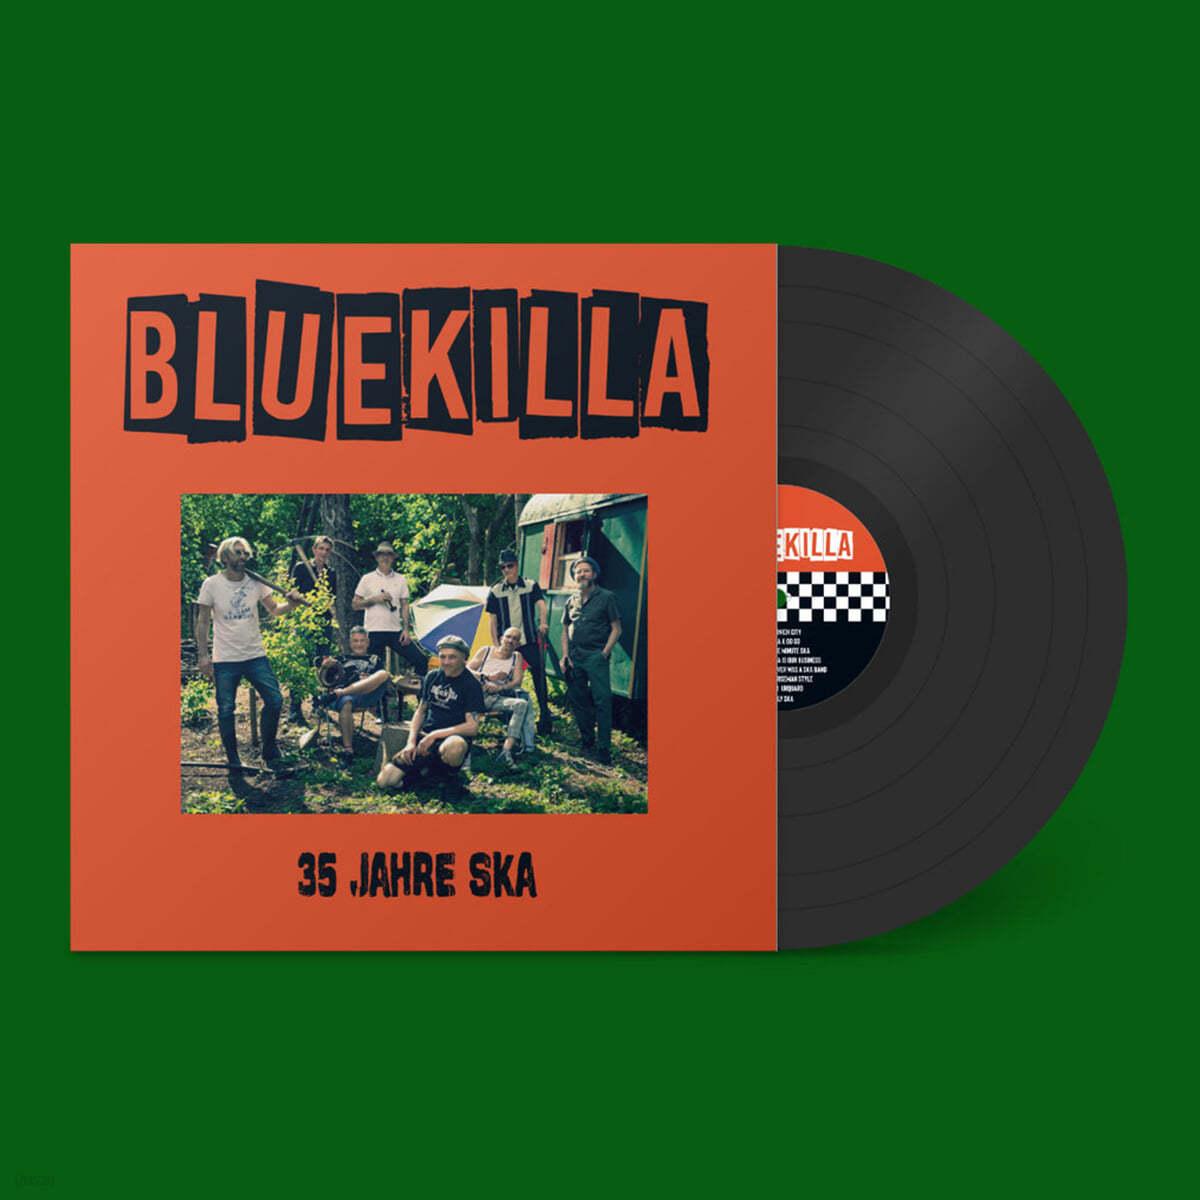 Bluekilla (블루킬라) - Best Of Bluekilla [LP]